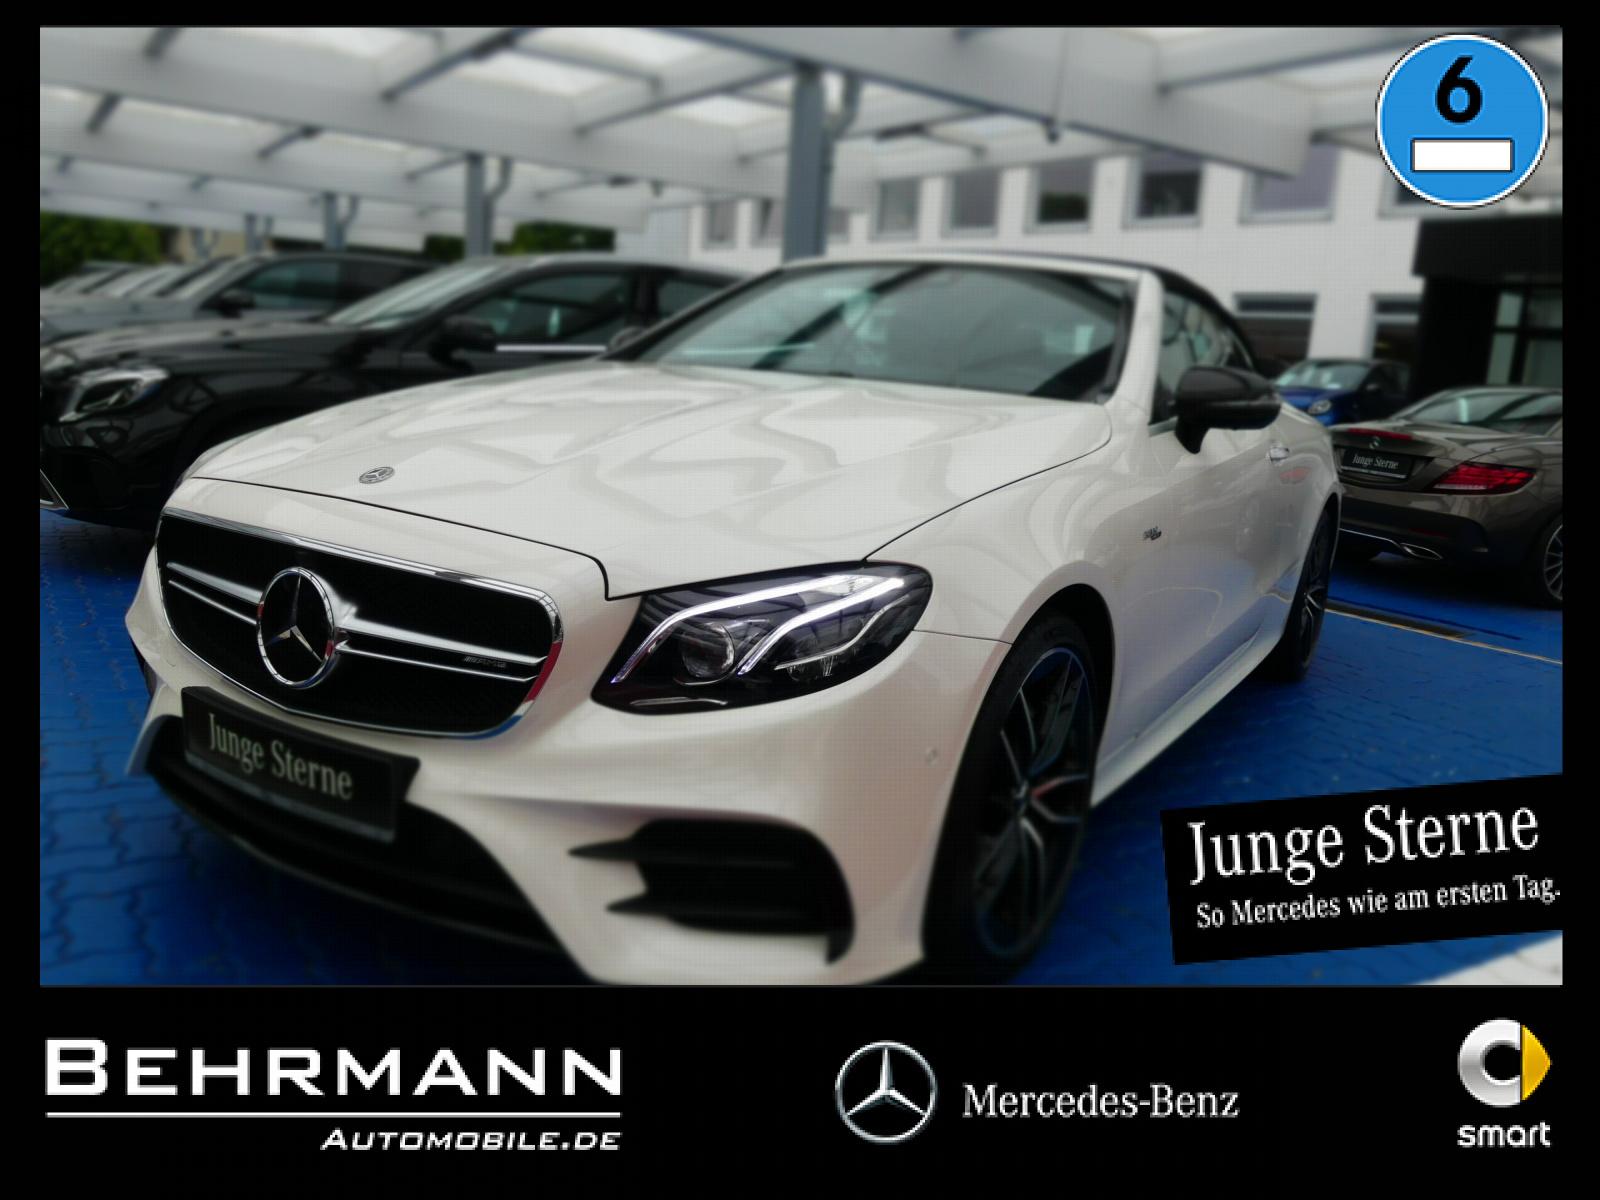 Mercedes-Benz AMG E 53 4M Cabrio +Distronic+360°Kamera+StdHzg+, Jahr 2019, Benzin